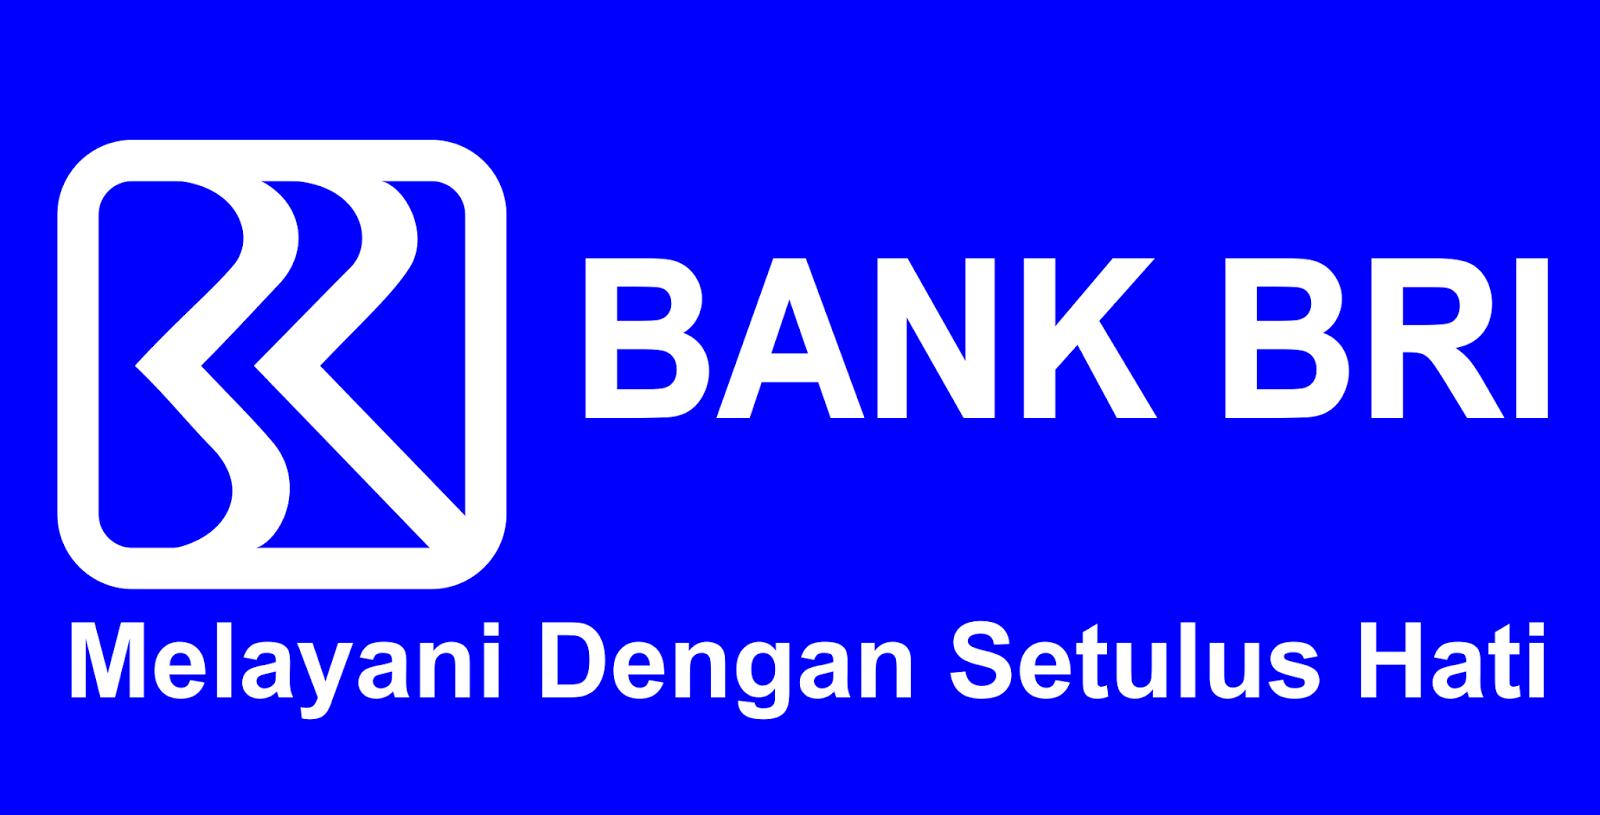 Logo Bank Bri Bimaputra Mendownload File Vectornya Silahkan Klik Link